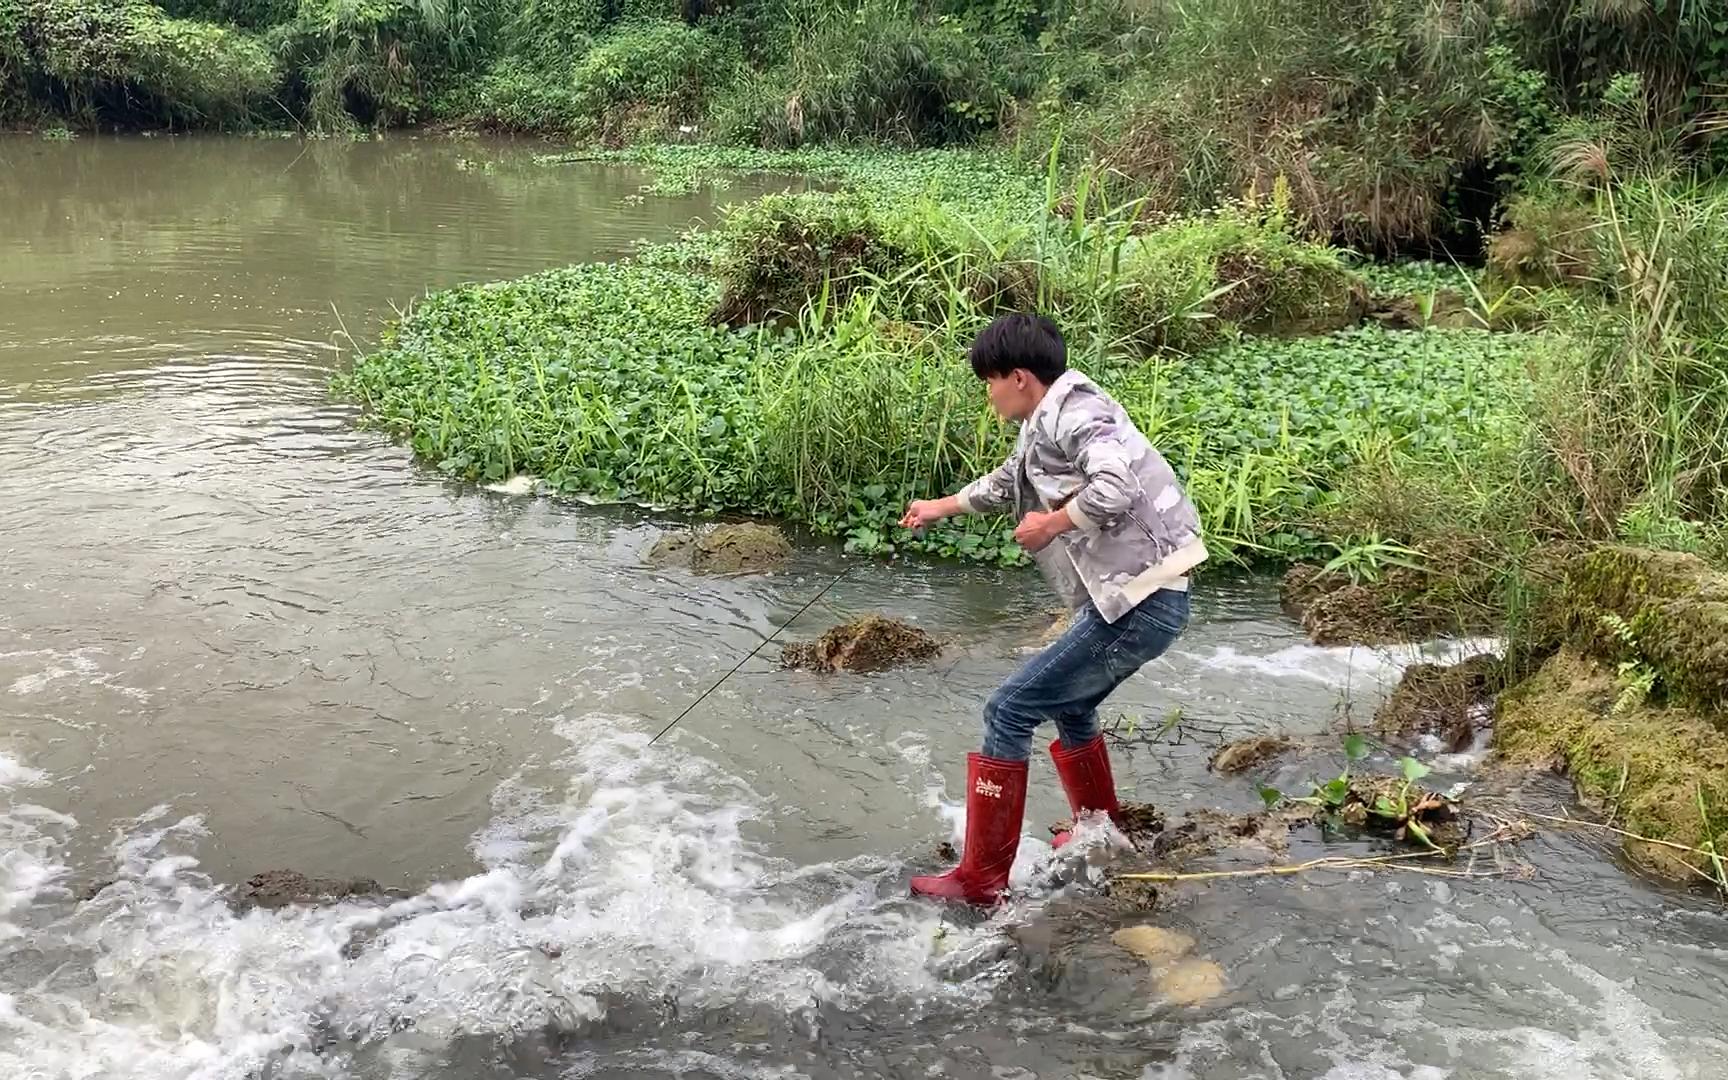 小明河里放4个鱼笼遭遇洪水,3天后收笼意外了,究竟捕到什么靓货